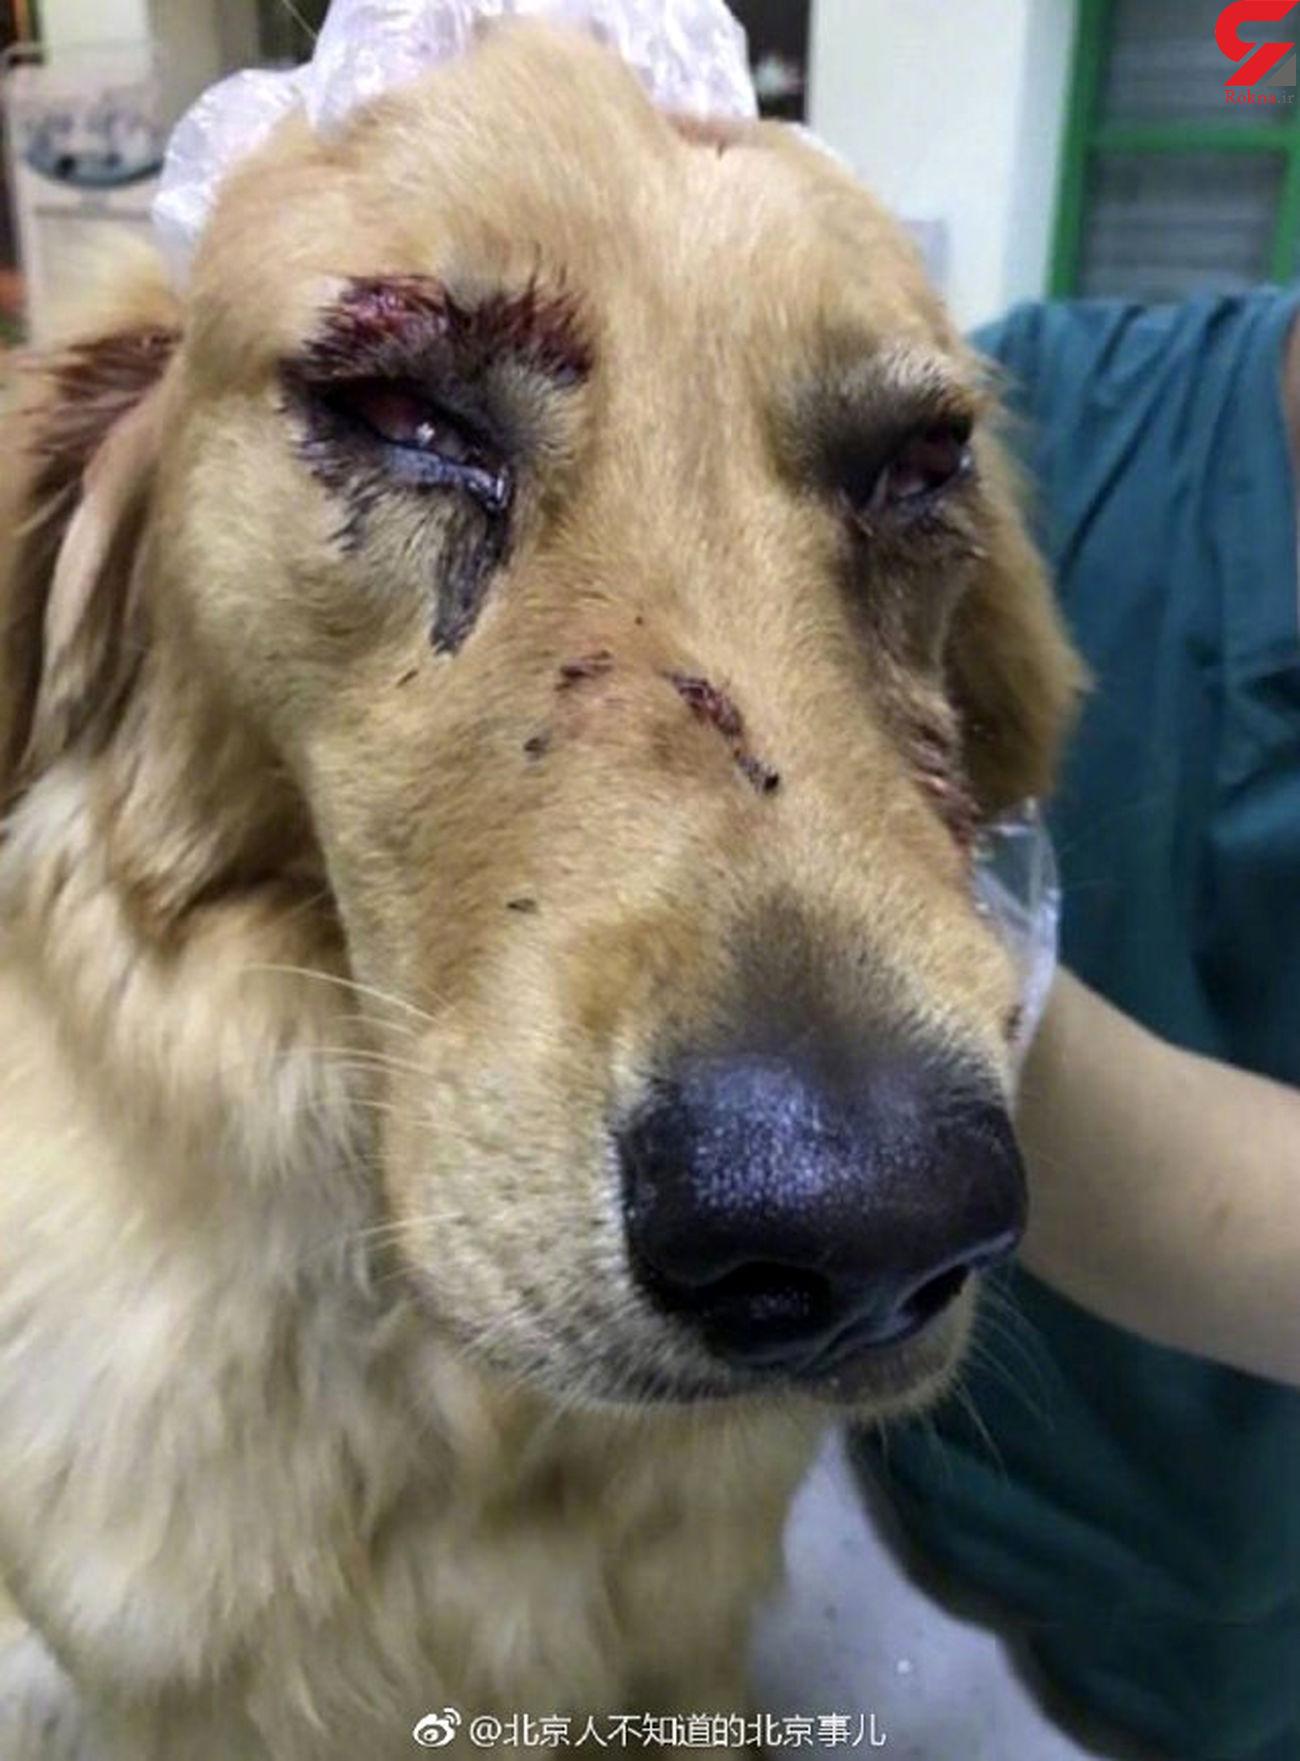 فیلم سگ کشی پسر جوان / او را می شناسید؟! + عکس و فیلم